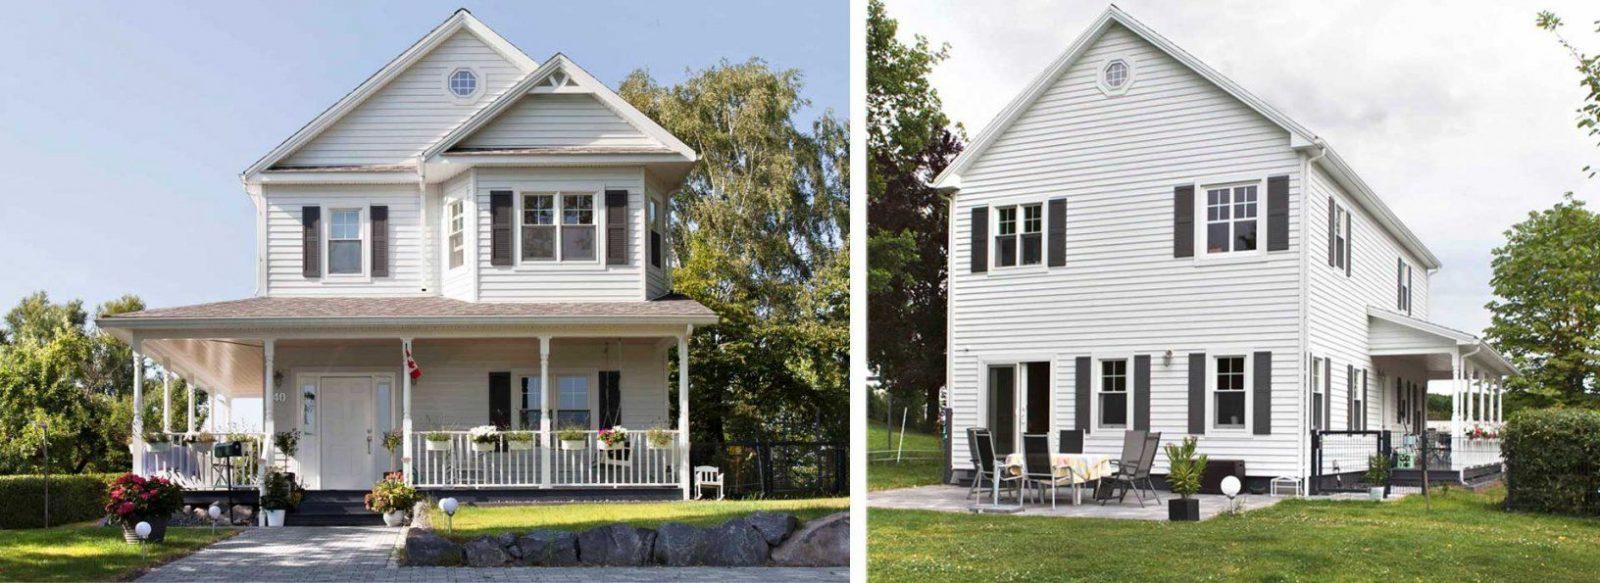 Bostonhaus  Amerikanische Häuser  Startseite von Amerikanische Häuser In Deutschland Bild